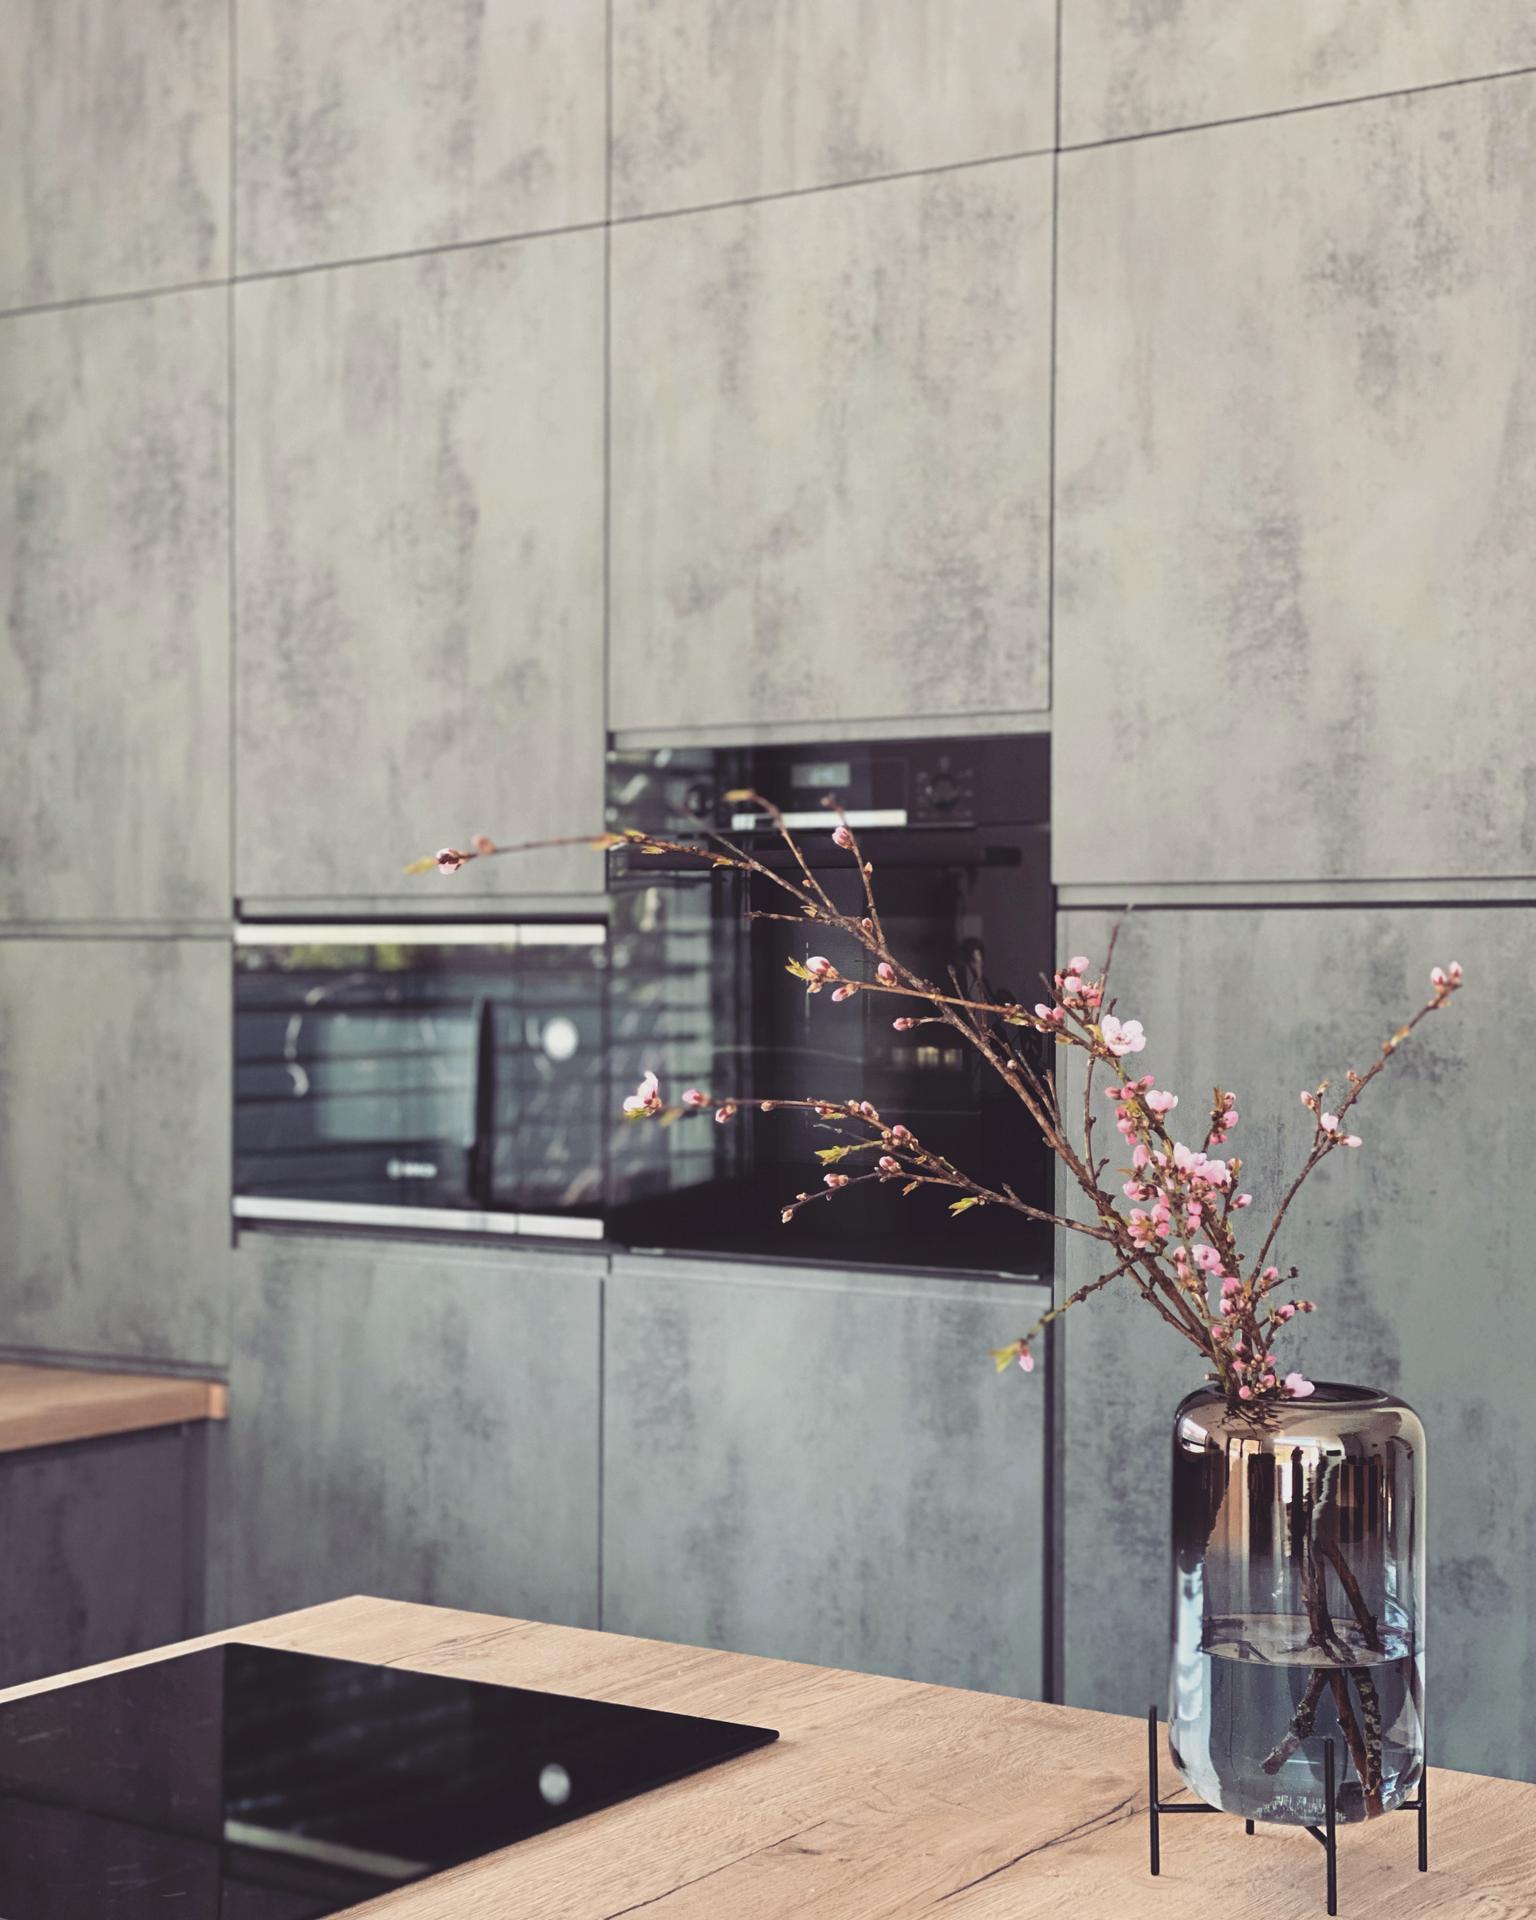 Keď sa z detailov stáva celok - Jar v kuchyni